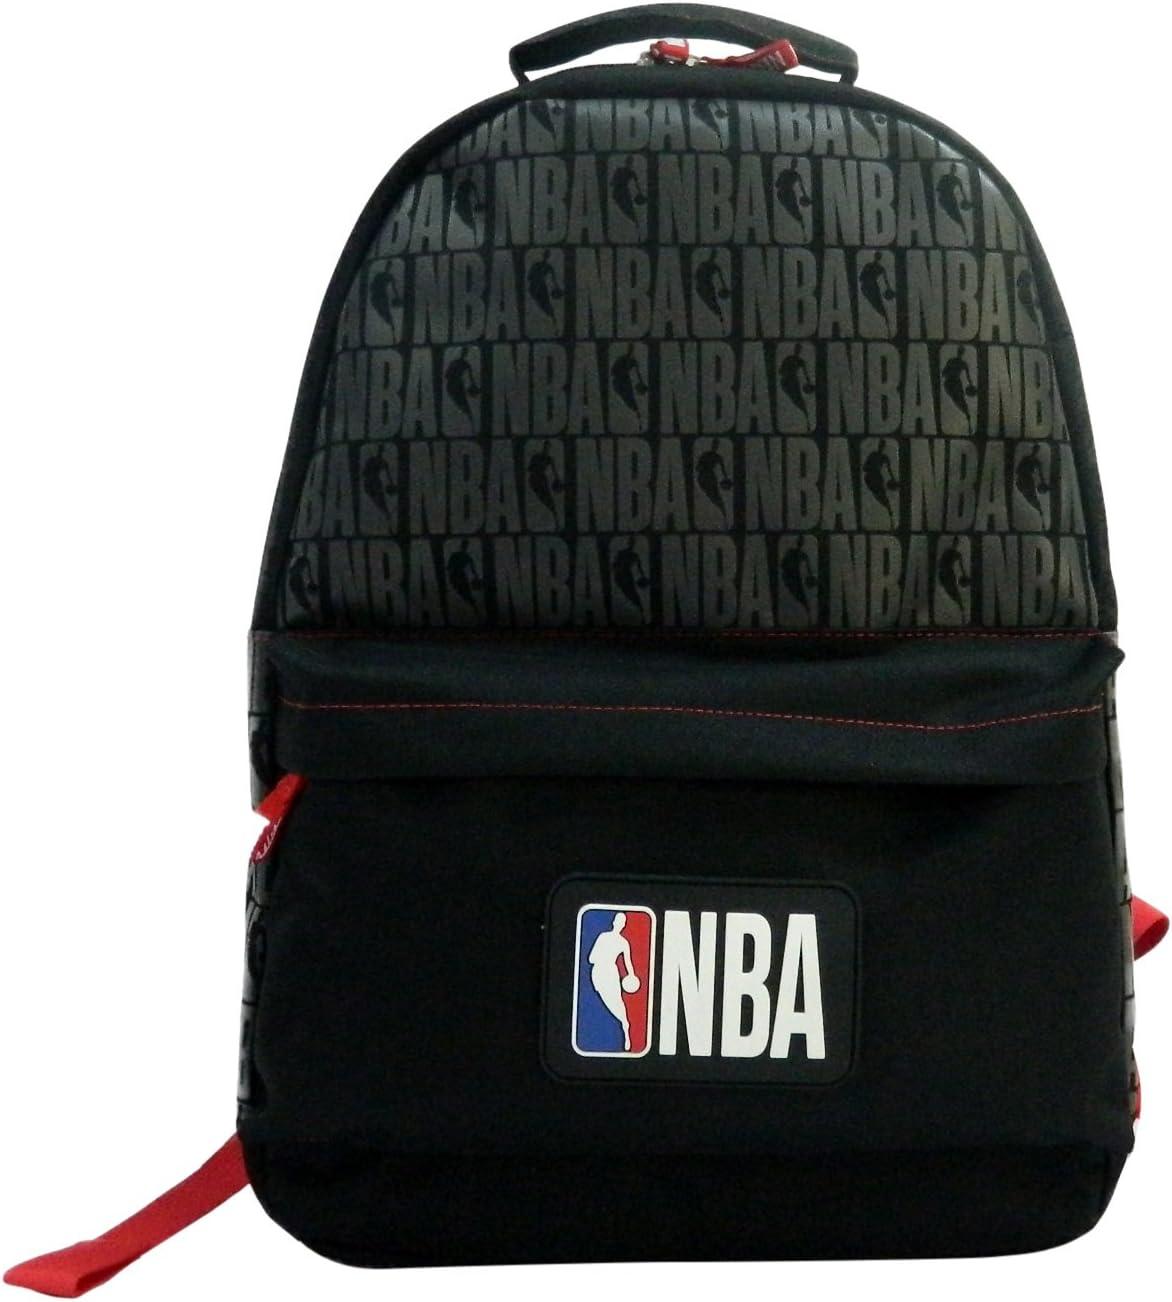 La Pluma Dorada 1/Saco a Dos 1/Compartimento NBA Mixta ni/ño Negro